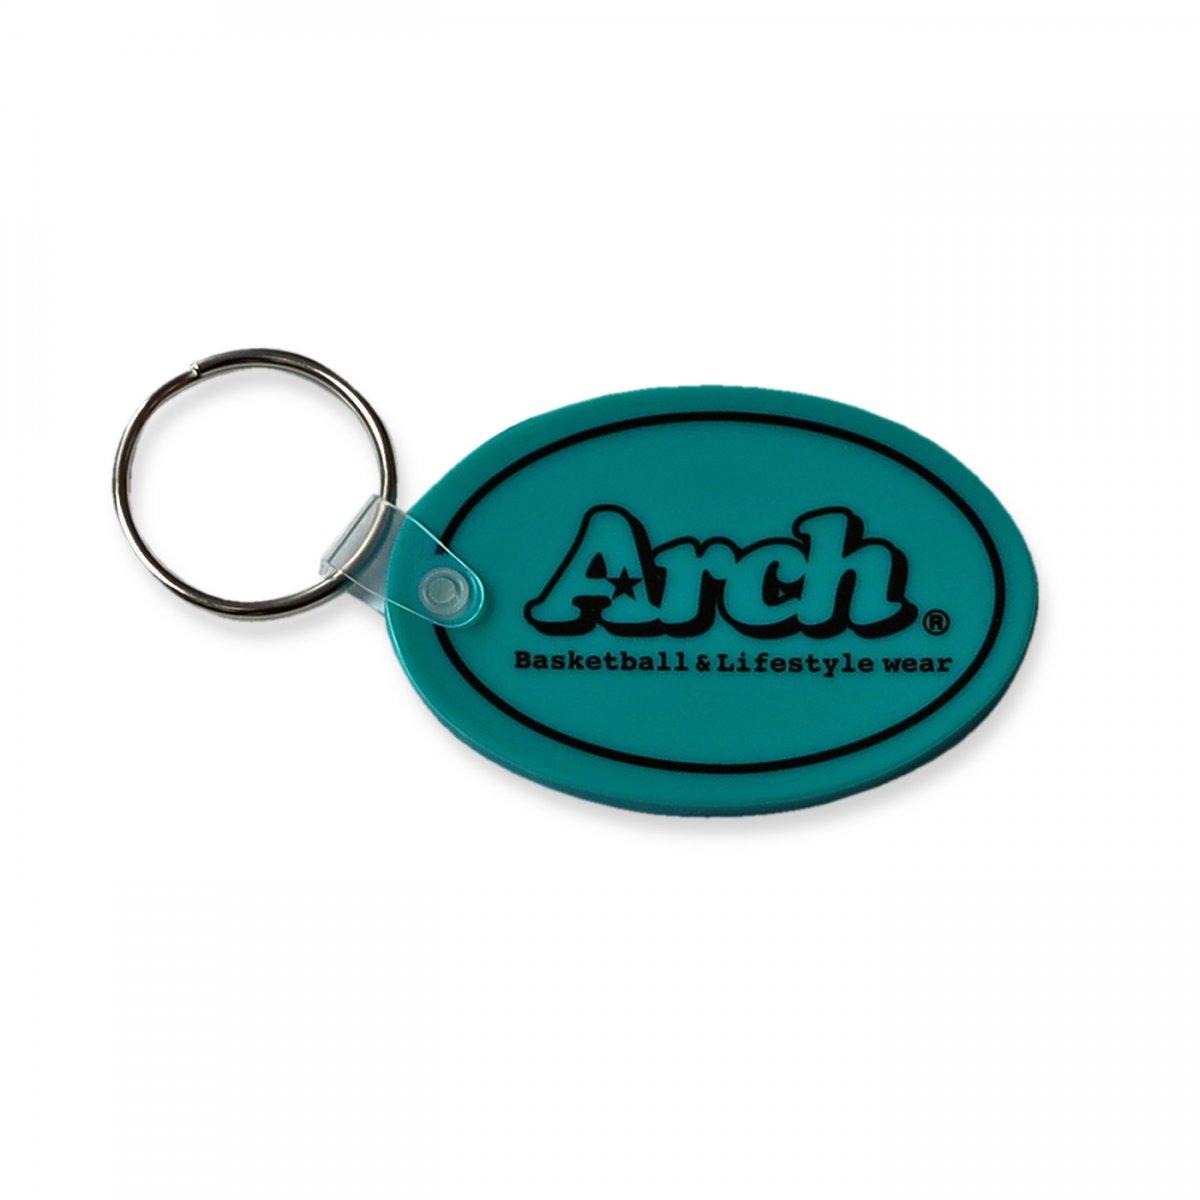 rubber key holder 【teal】